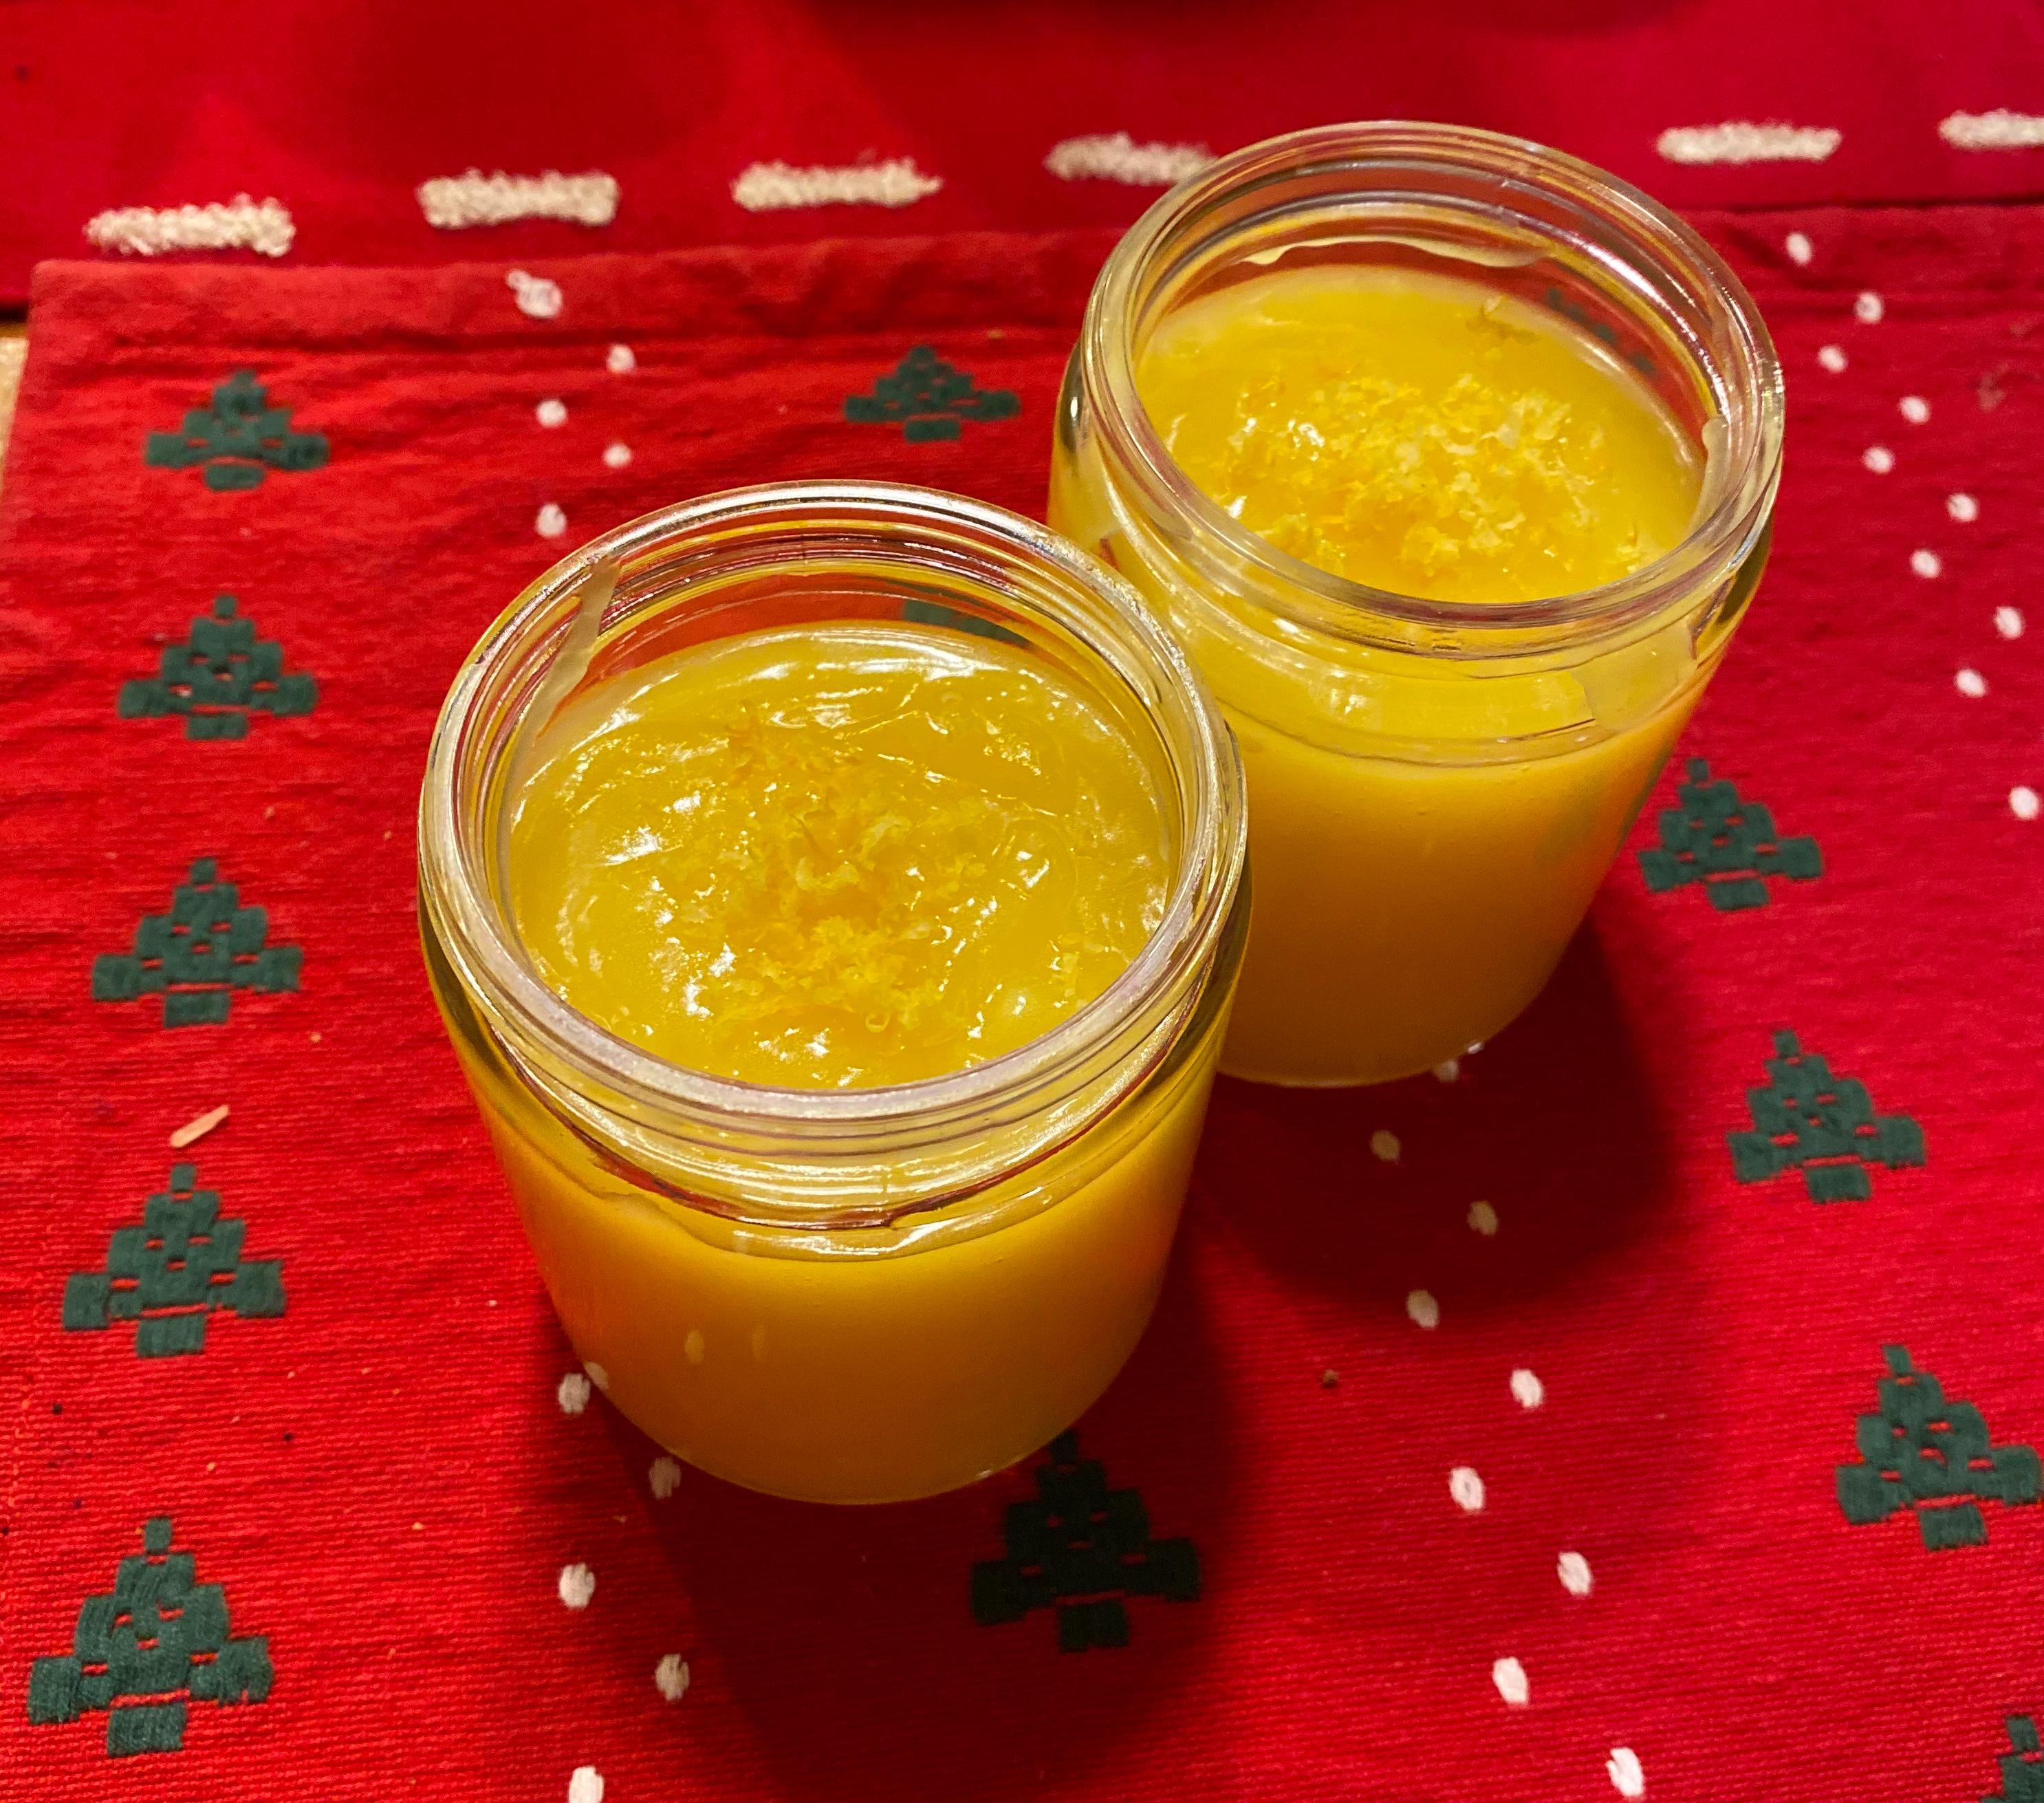 Lemon curd maa great holiday gift